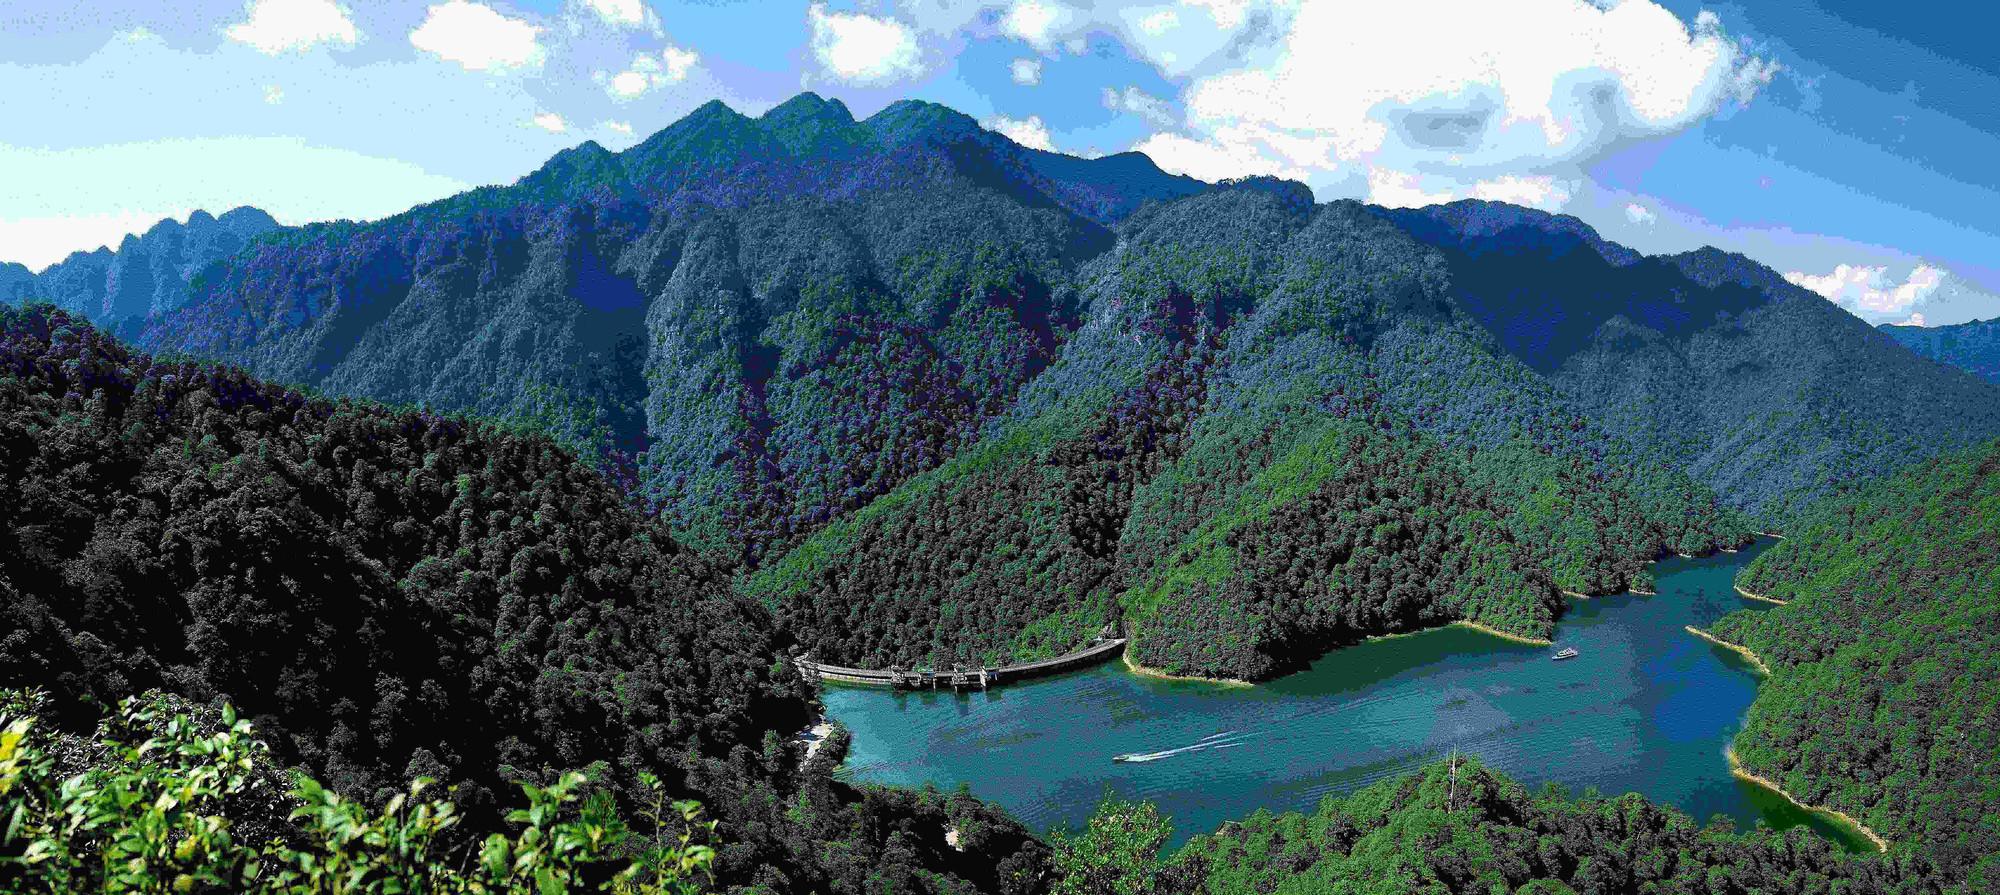 井冈山属山岳型风景名胜区景观景点,汇雄,奇,险,峻,秀,幽的自然风光